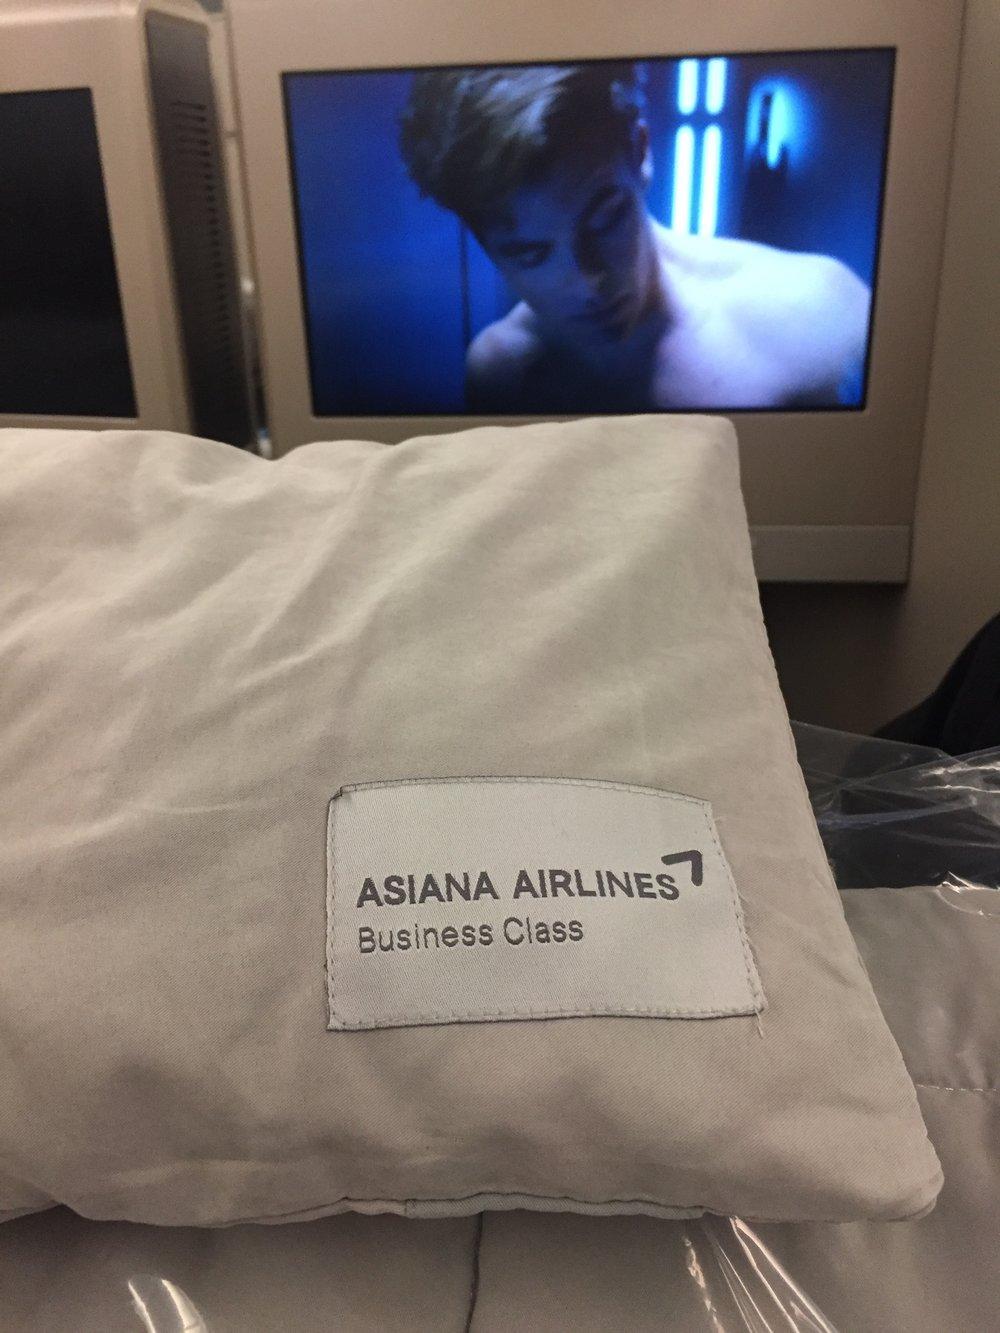 Business class bedding